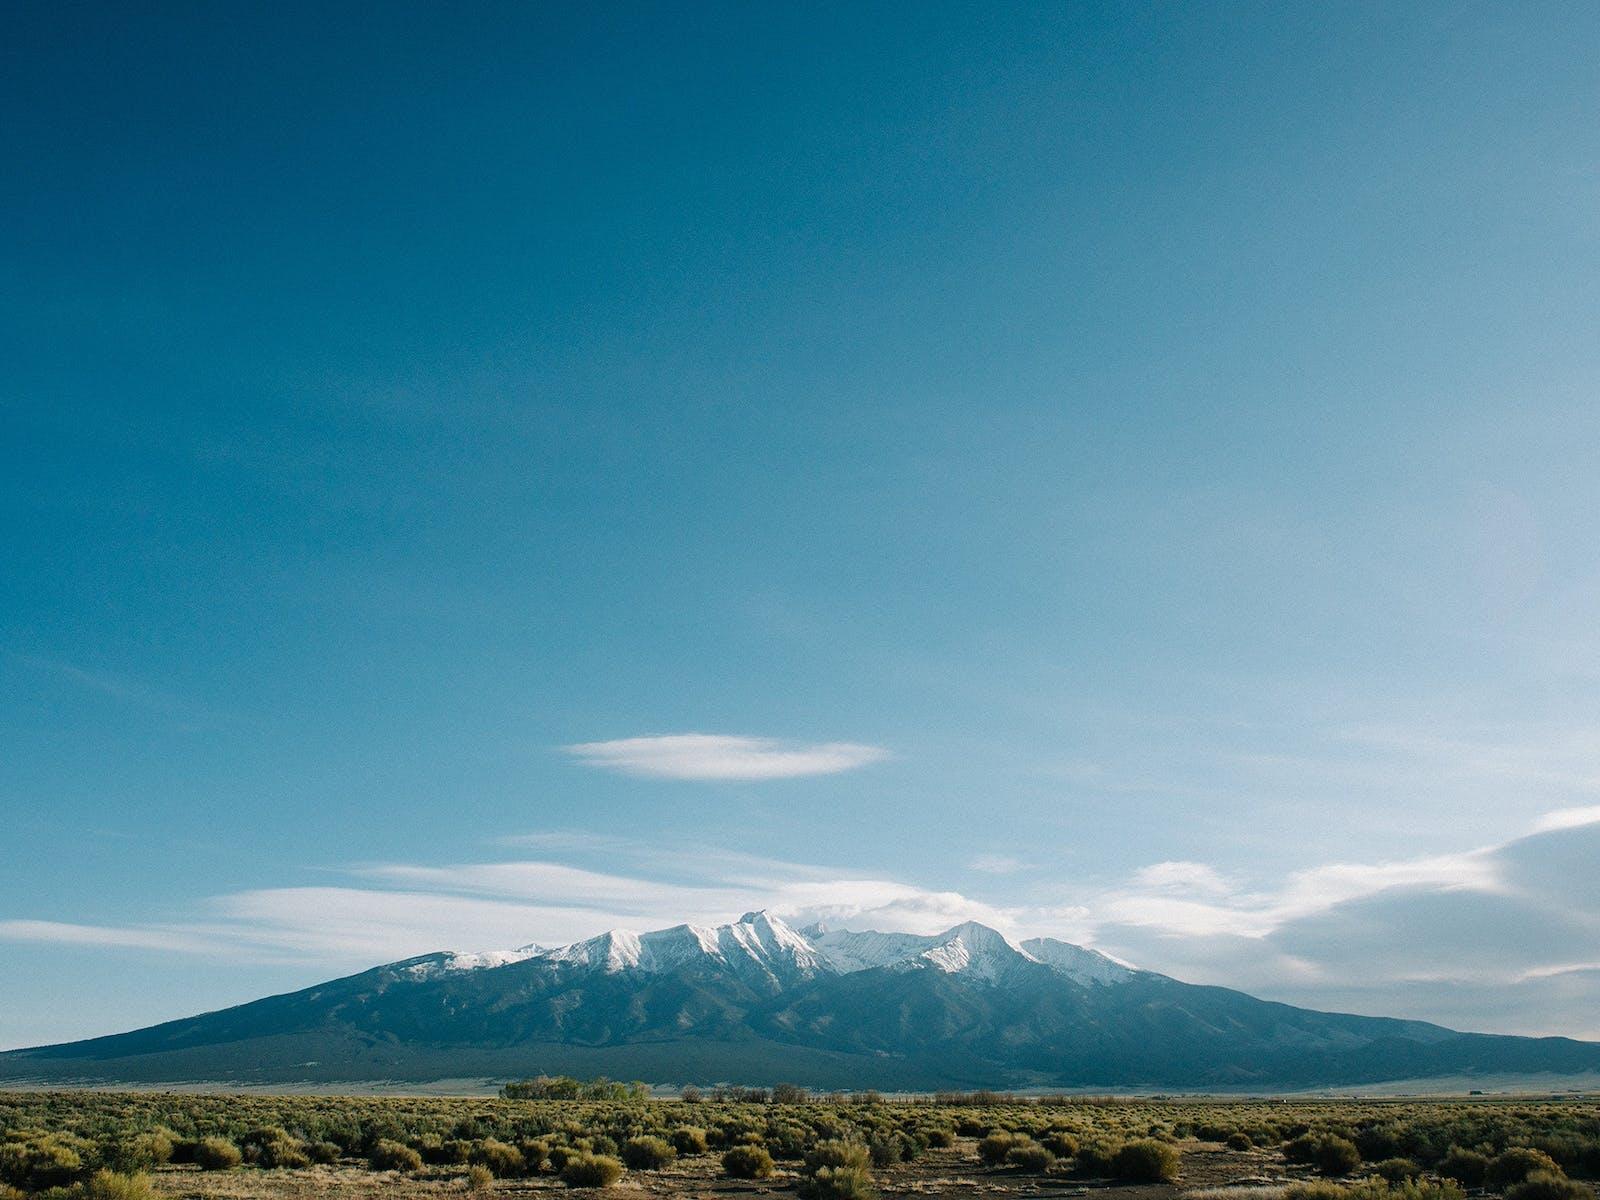 Colorado mountain peak